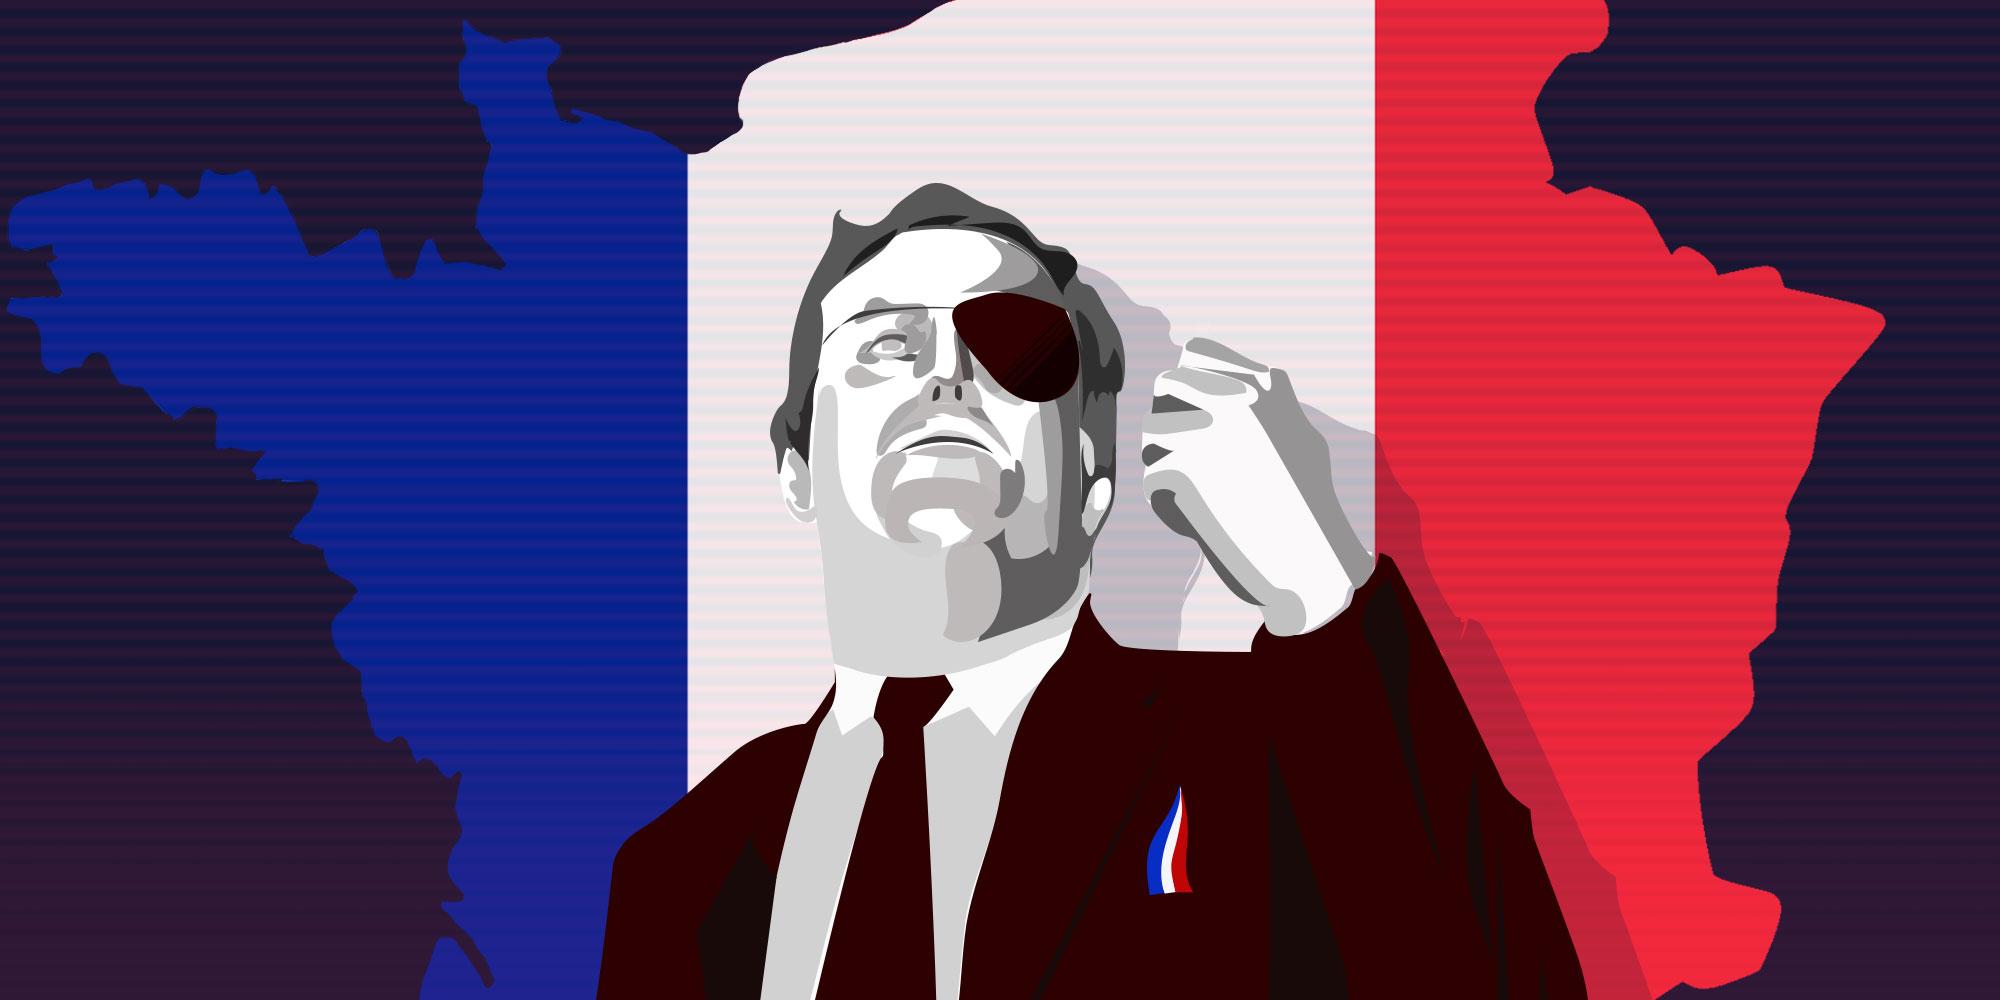 La historia del Frente Nacional en Francia y la familia Le Pen